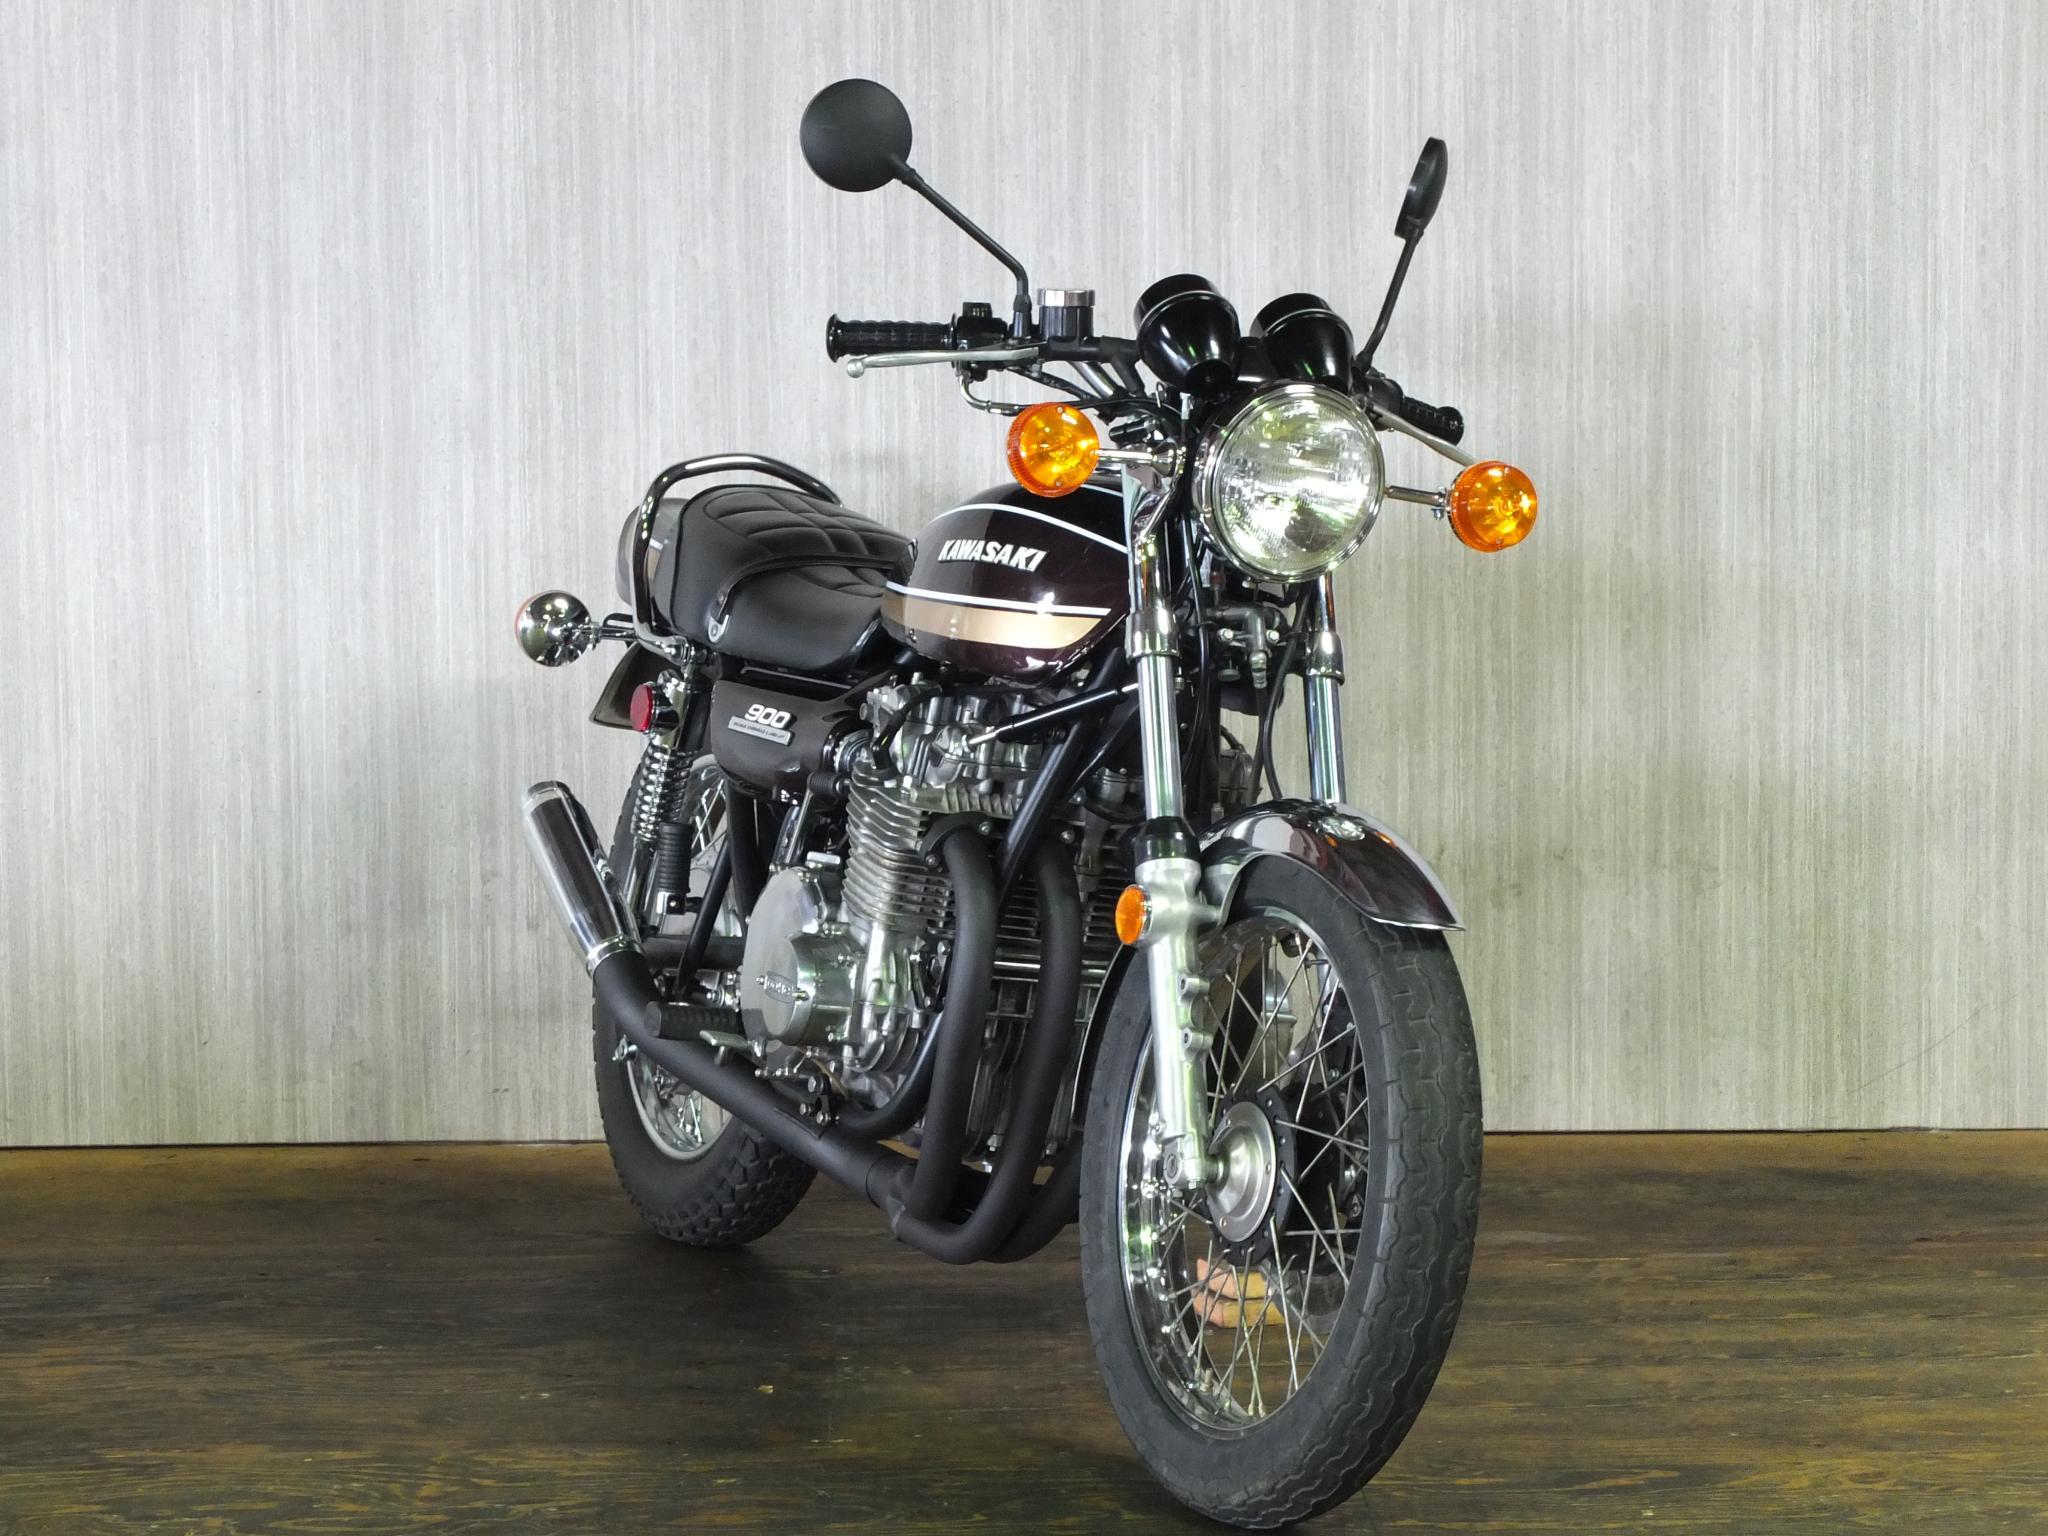 カワサキ 1975 Kawasaki Z900 Z1 車体写真2